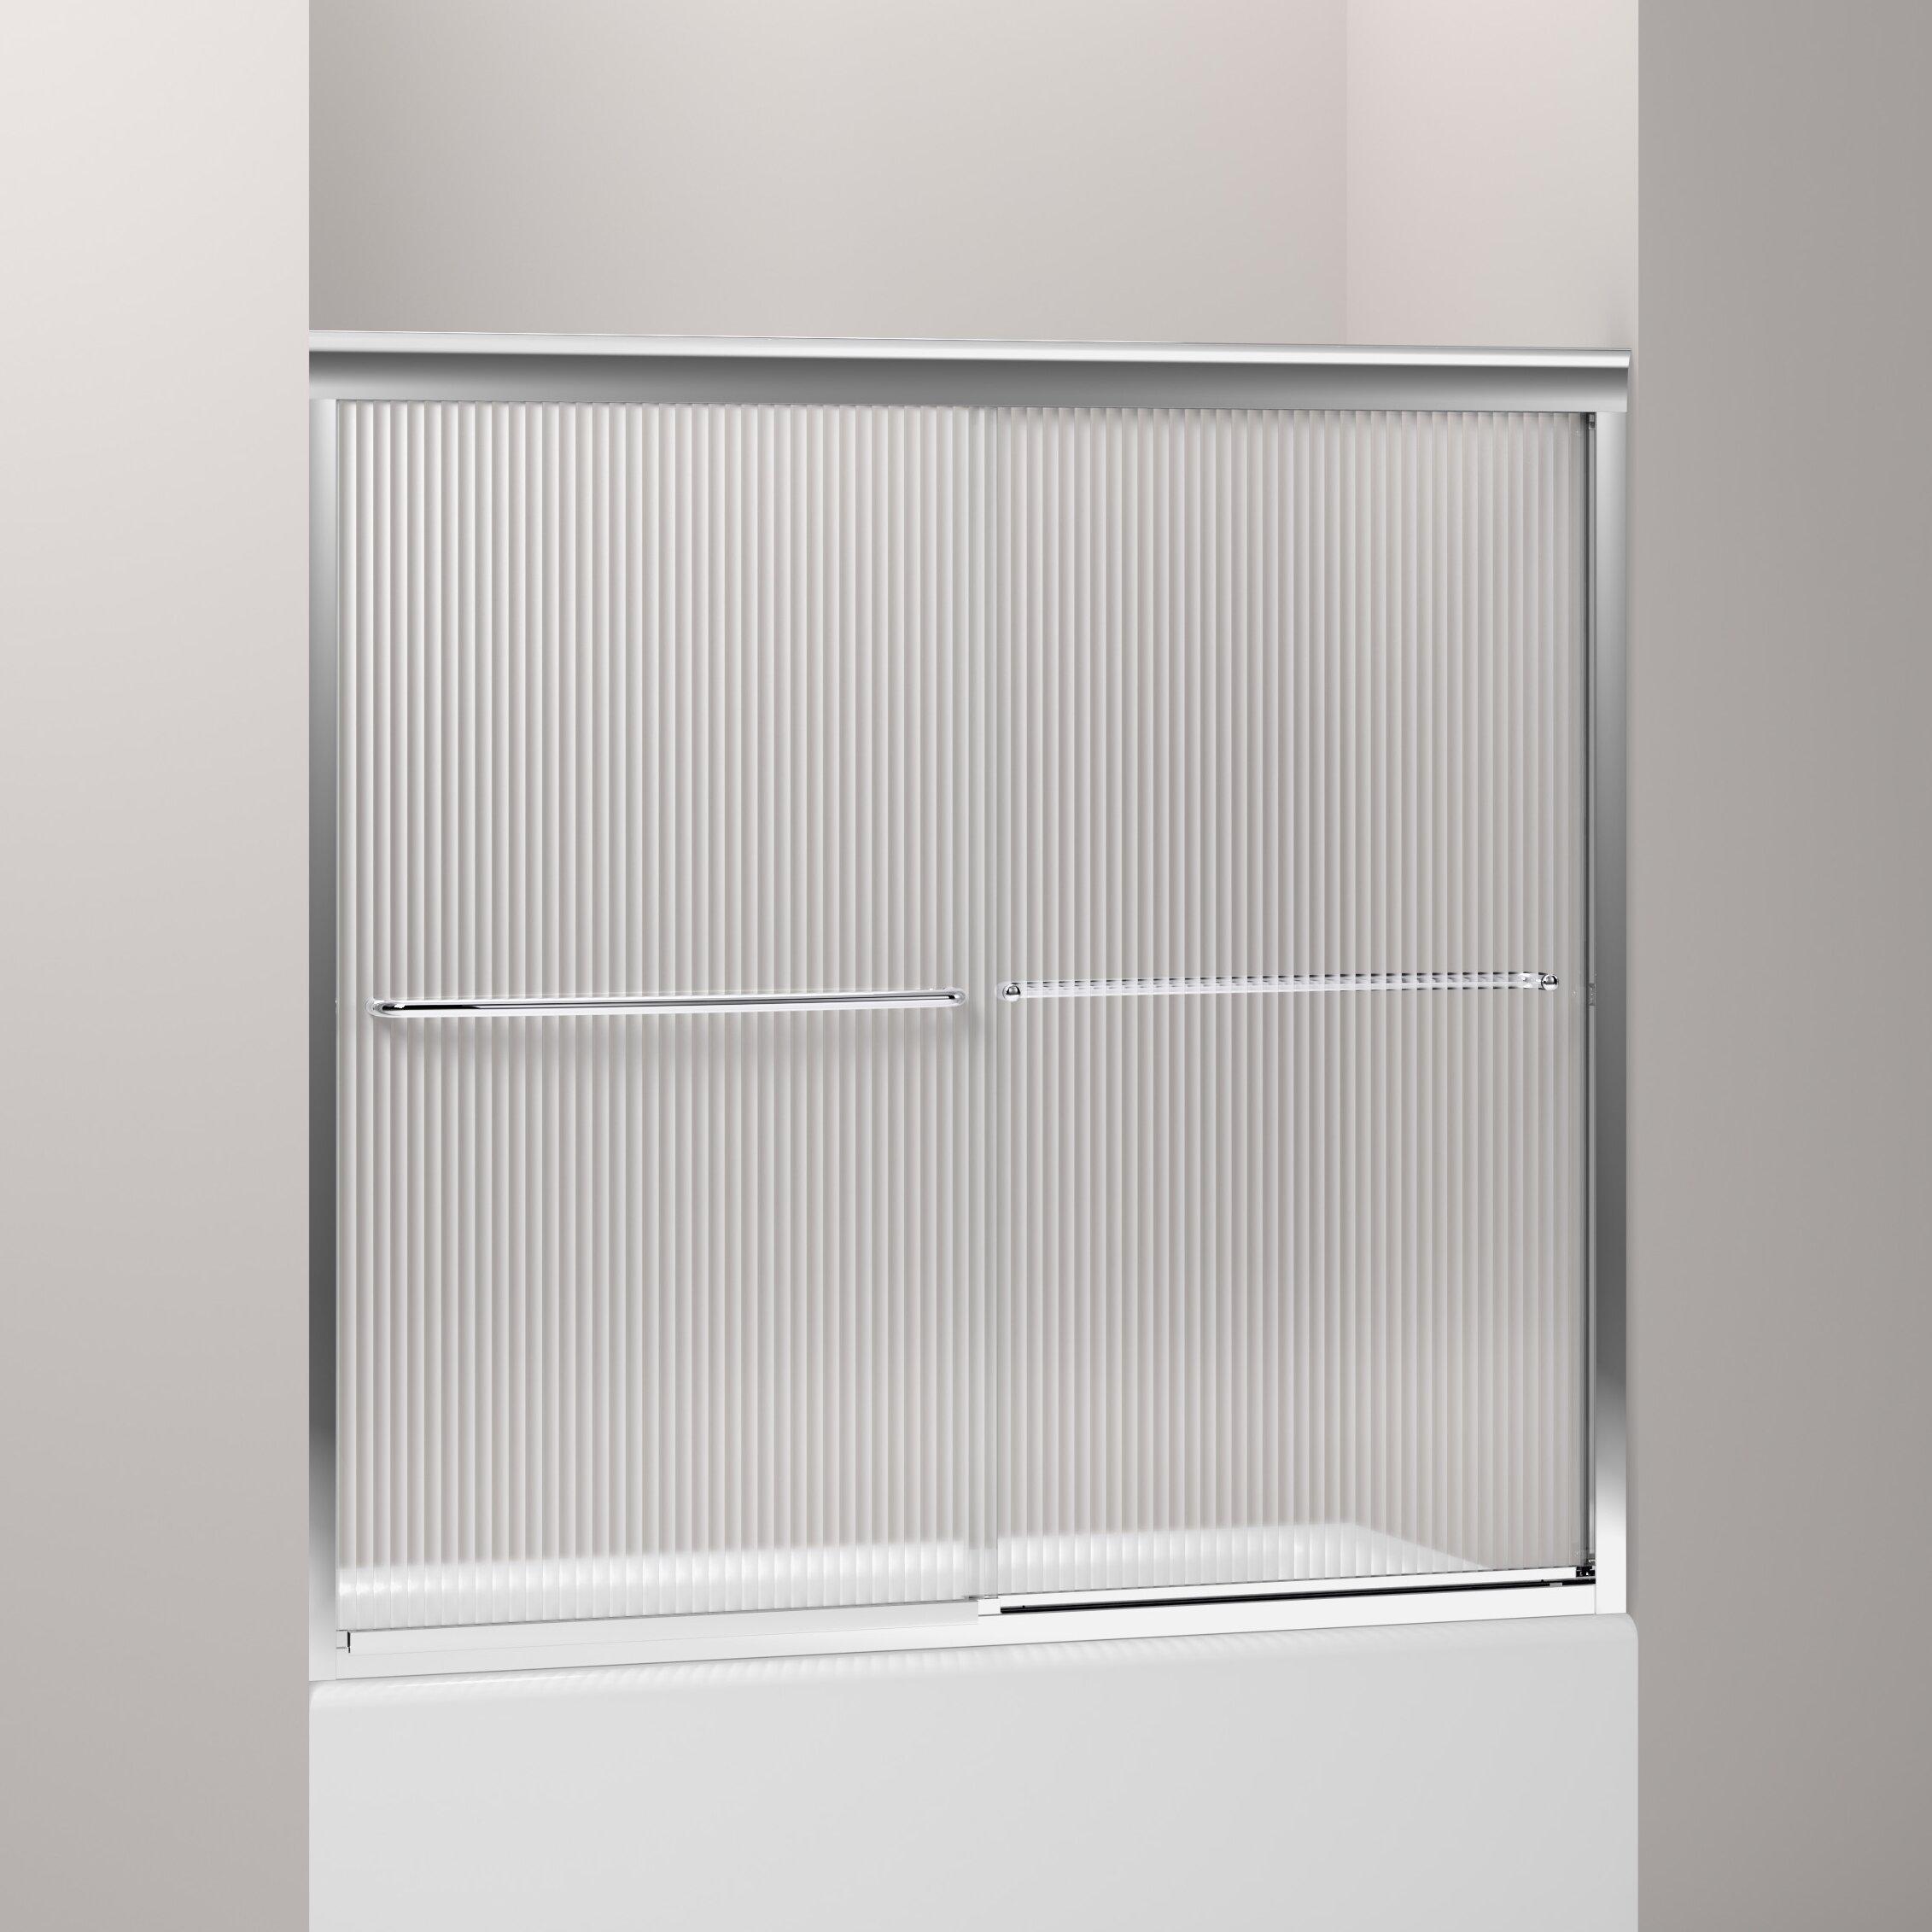 Fluence 57 x bypass bath door reviews allmodern for Door 55 reviews